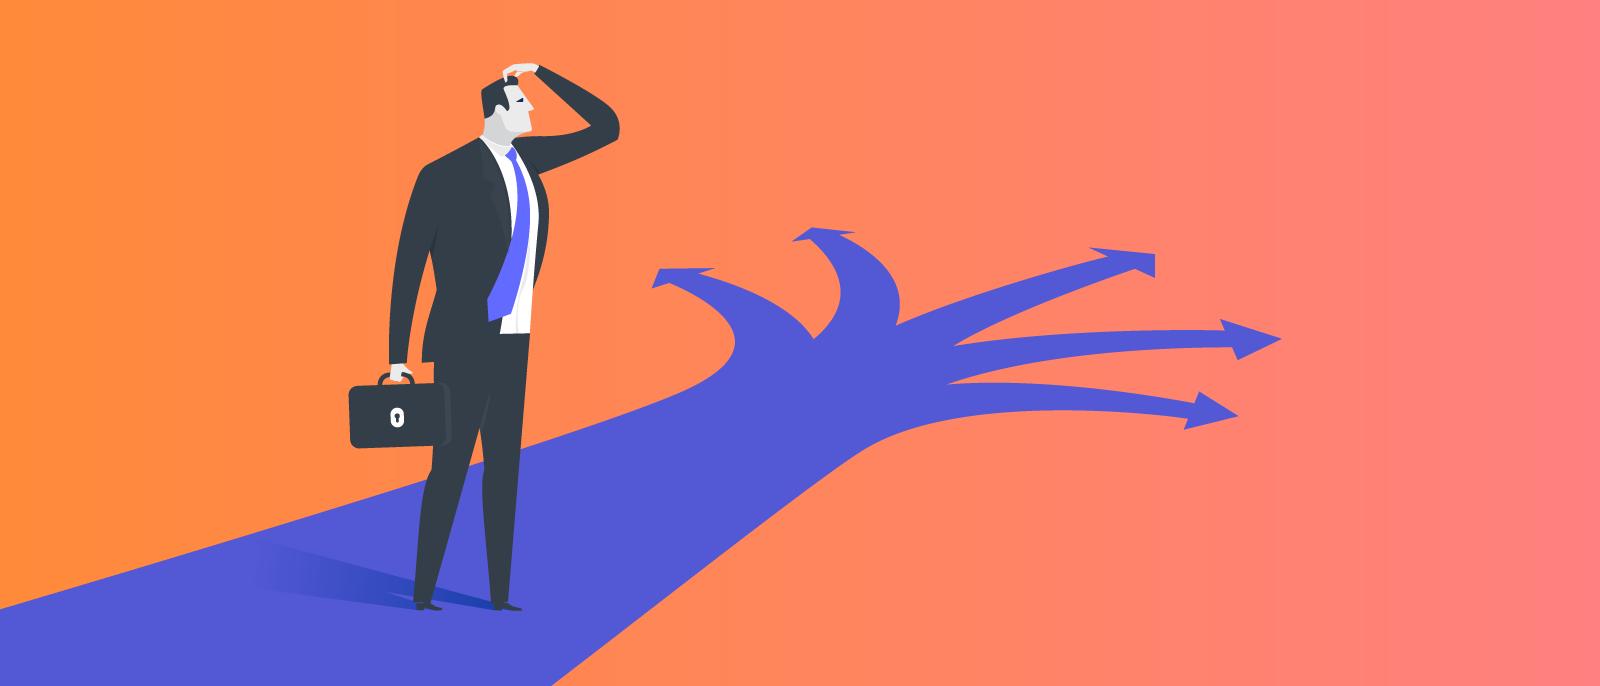 Tomada de Decisões: 5 dicas para ser mais assertivo